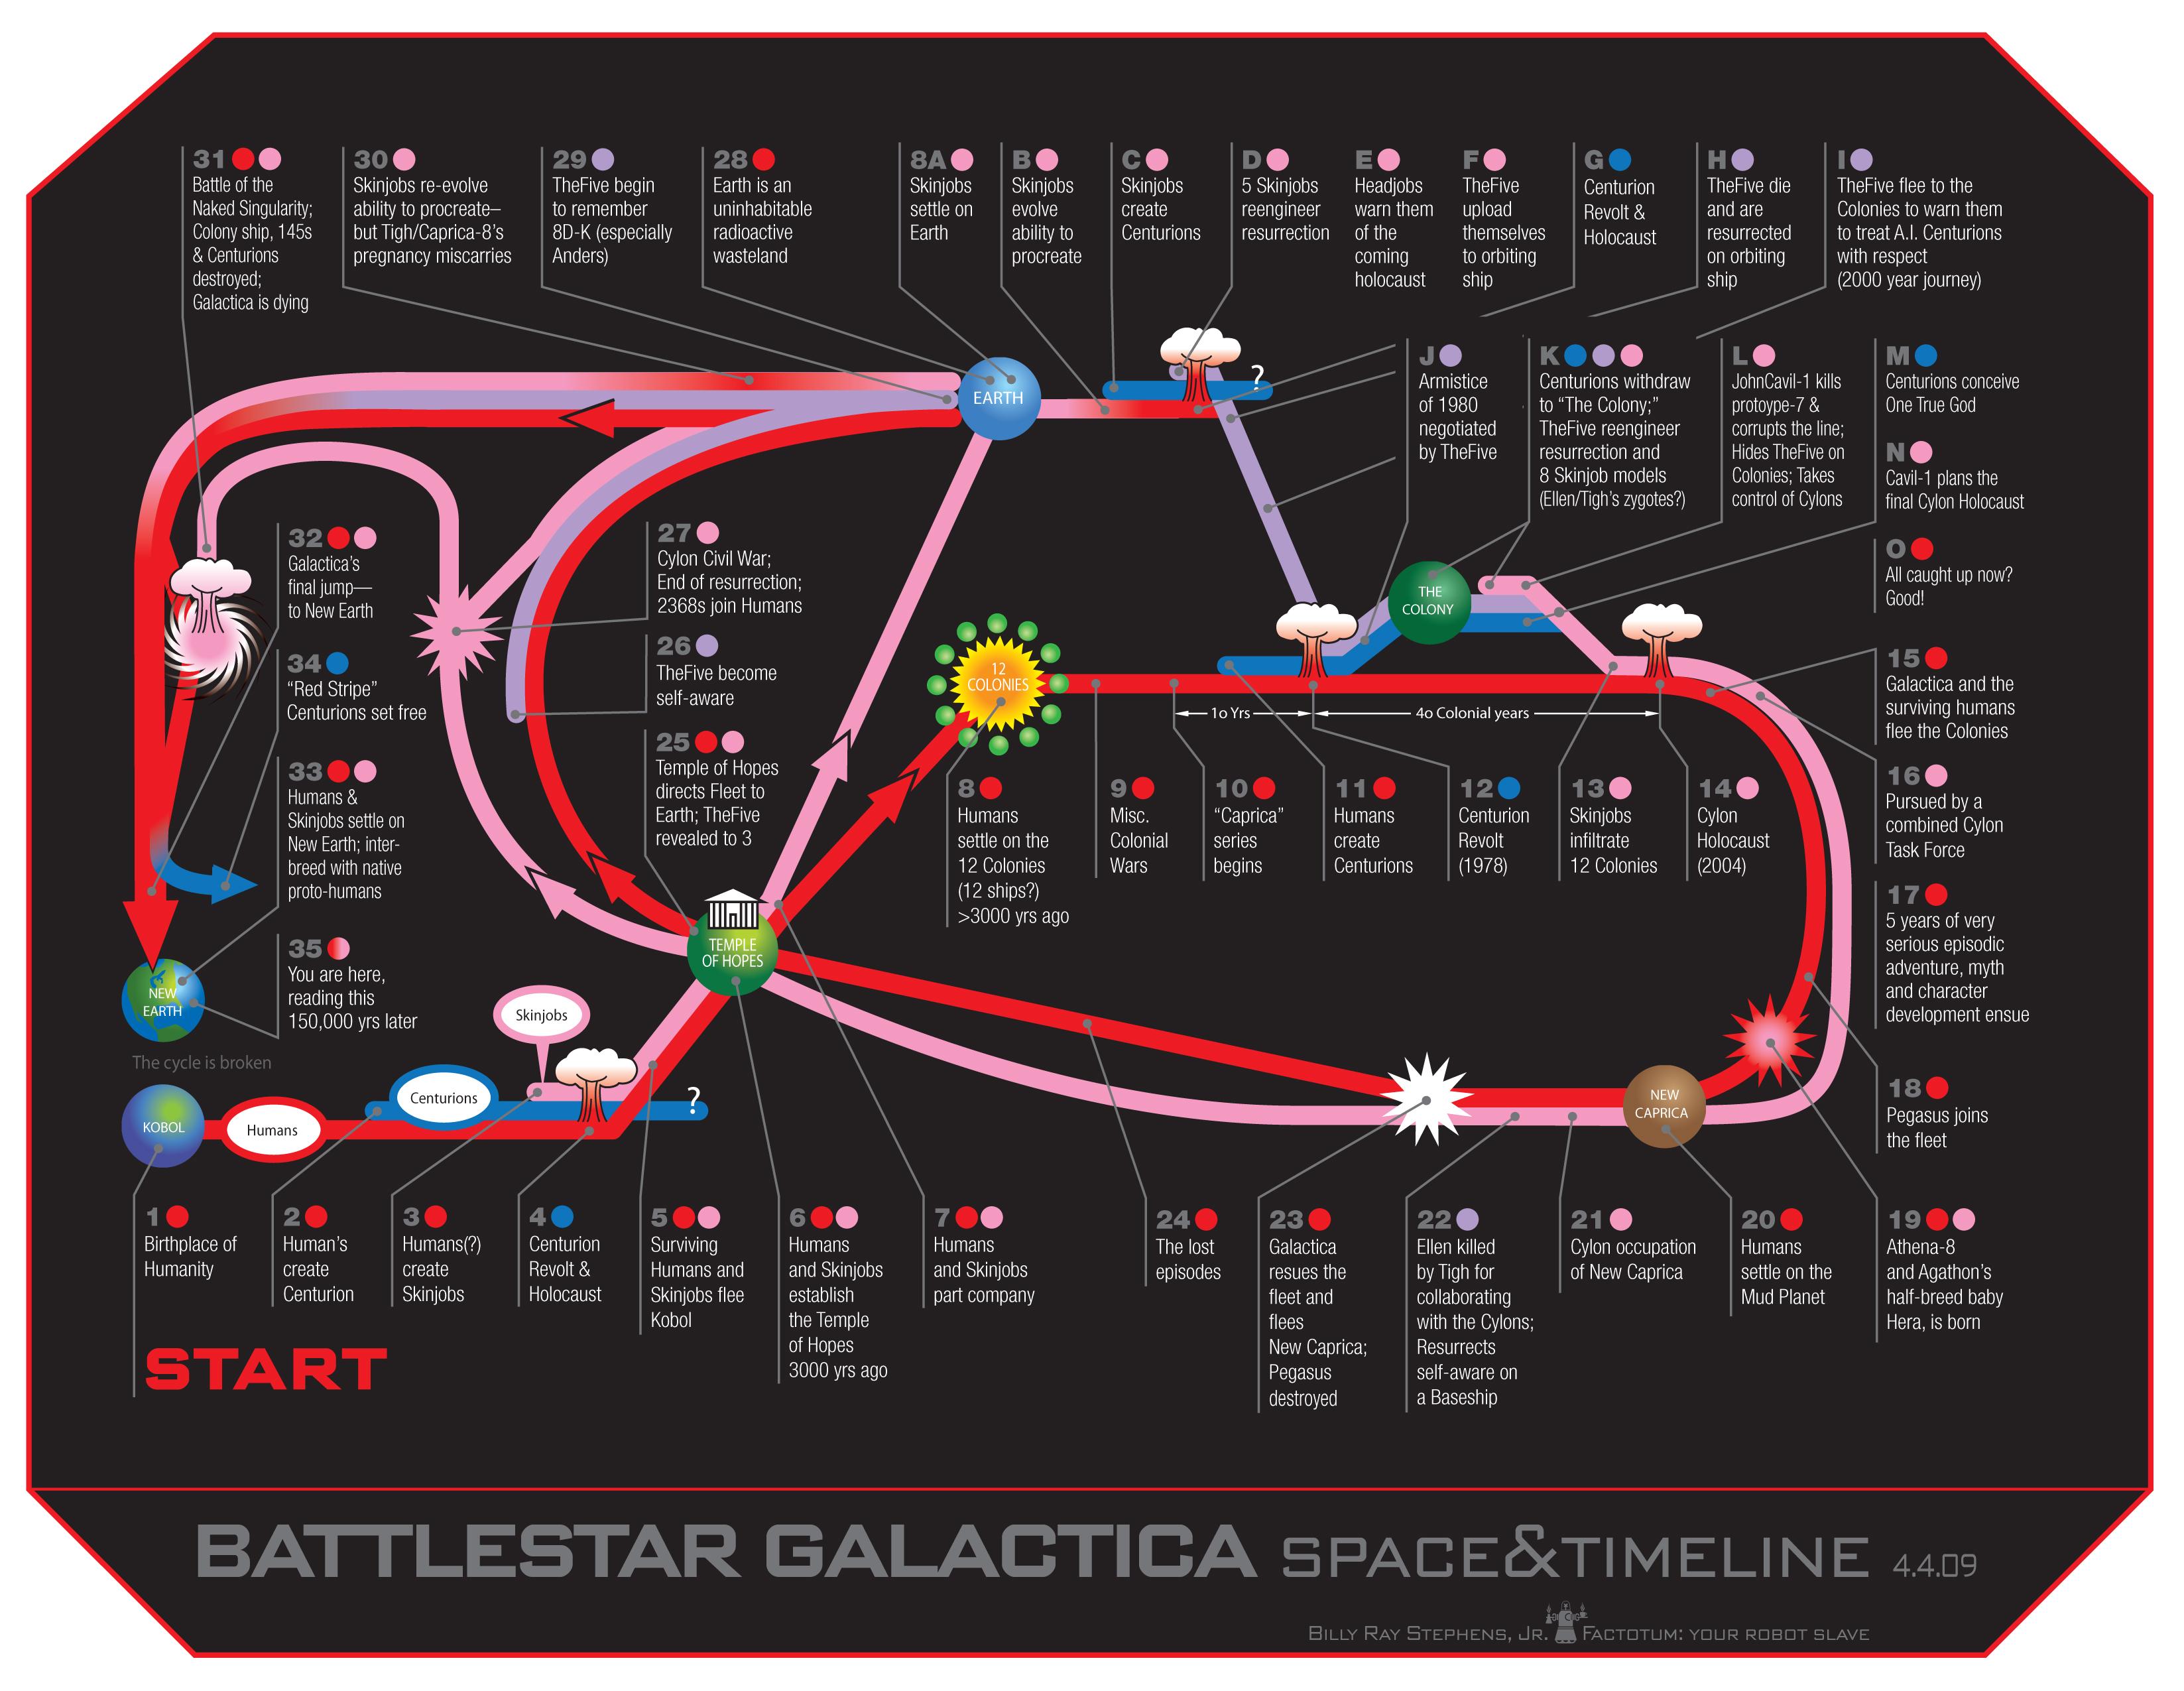 Battlestar Galactica 1978 HD Wallpaper